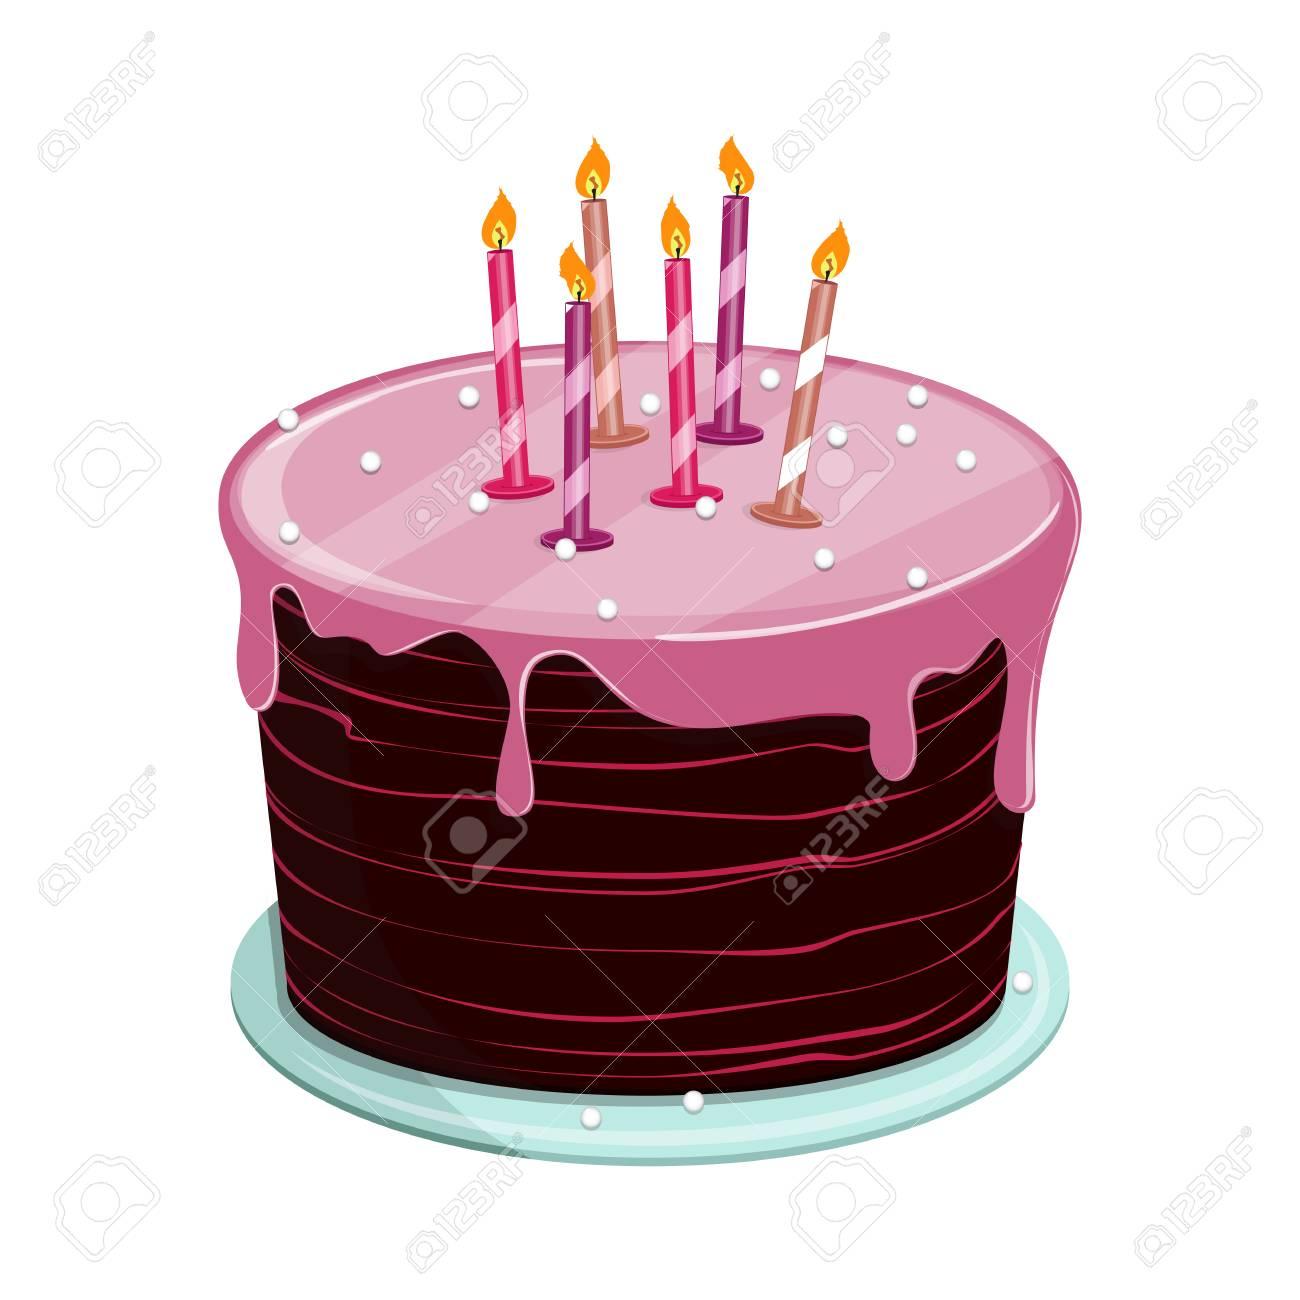 Gâteau Biscuit Sucré Avec Glaçage Pour Fête Danniversaire Ou De Mariage Fête Illustration Vectorielle Isolé Sur Fond Blanc